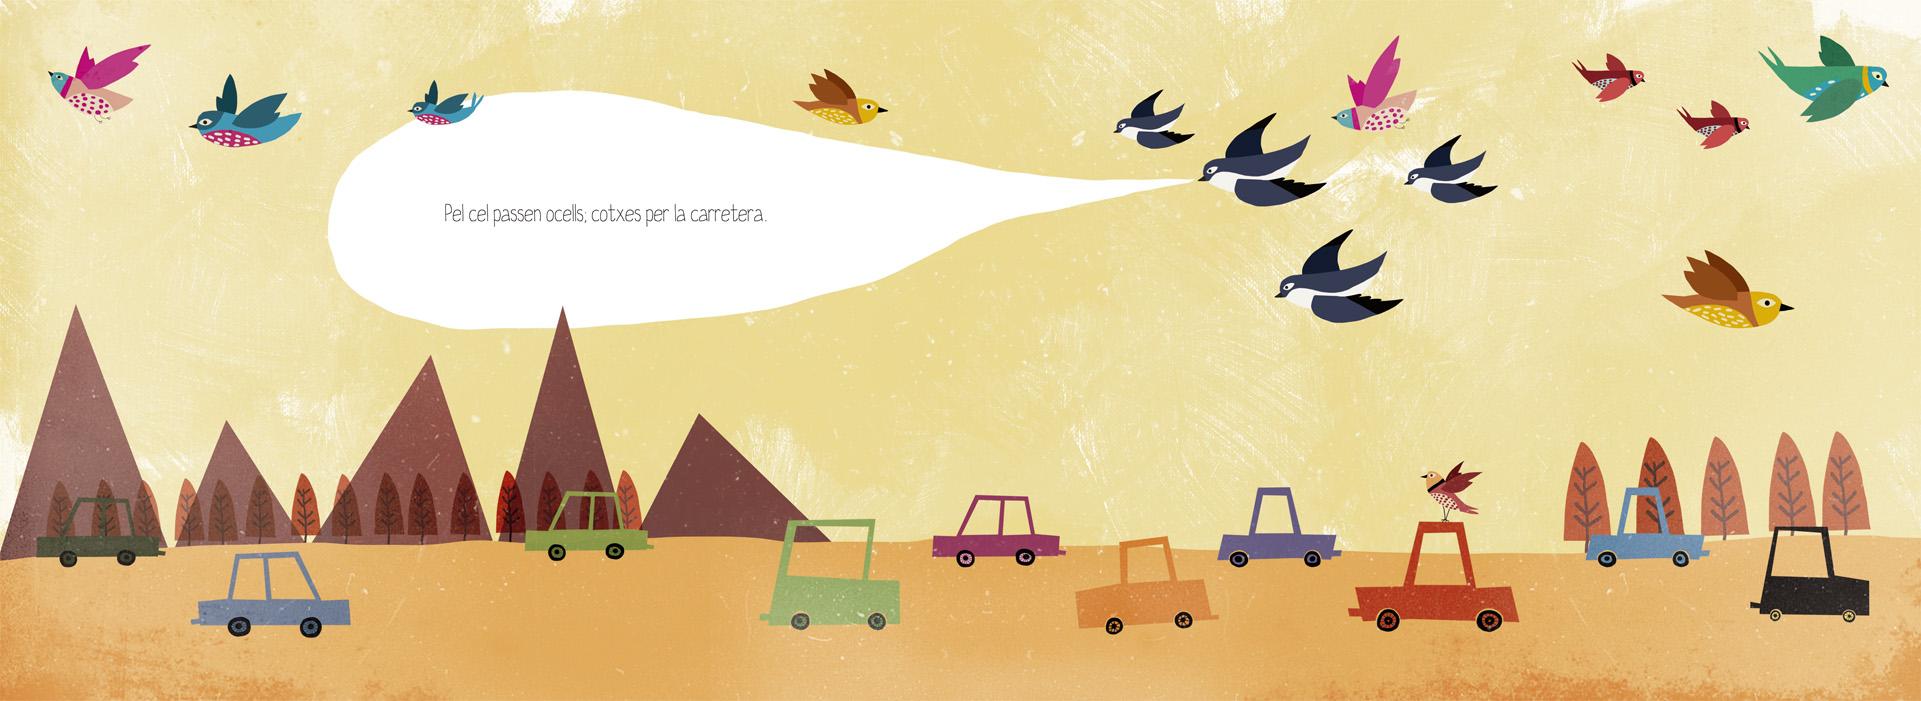 Pel cel passen ocells, cotxes per la carretera. Il·lustració d'Elisabet Díez 'Anduluplandu'